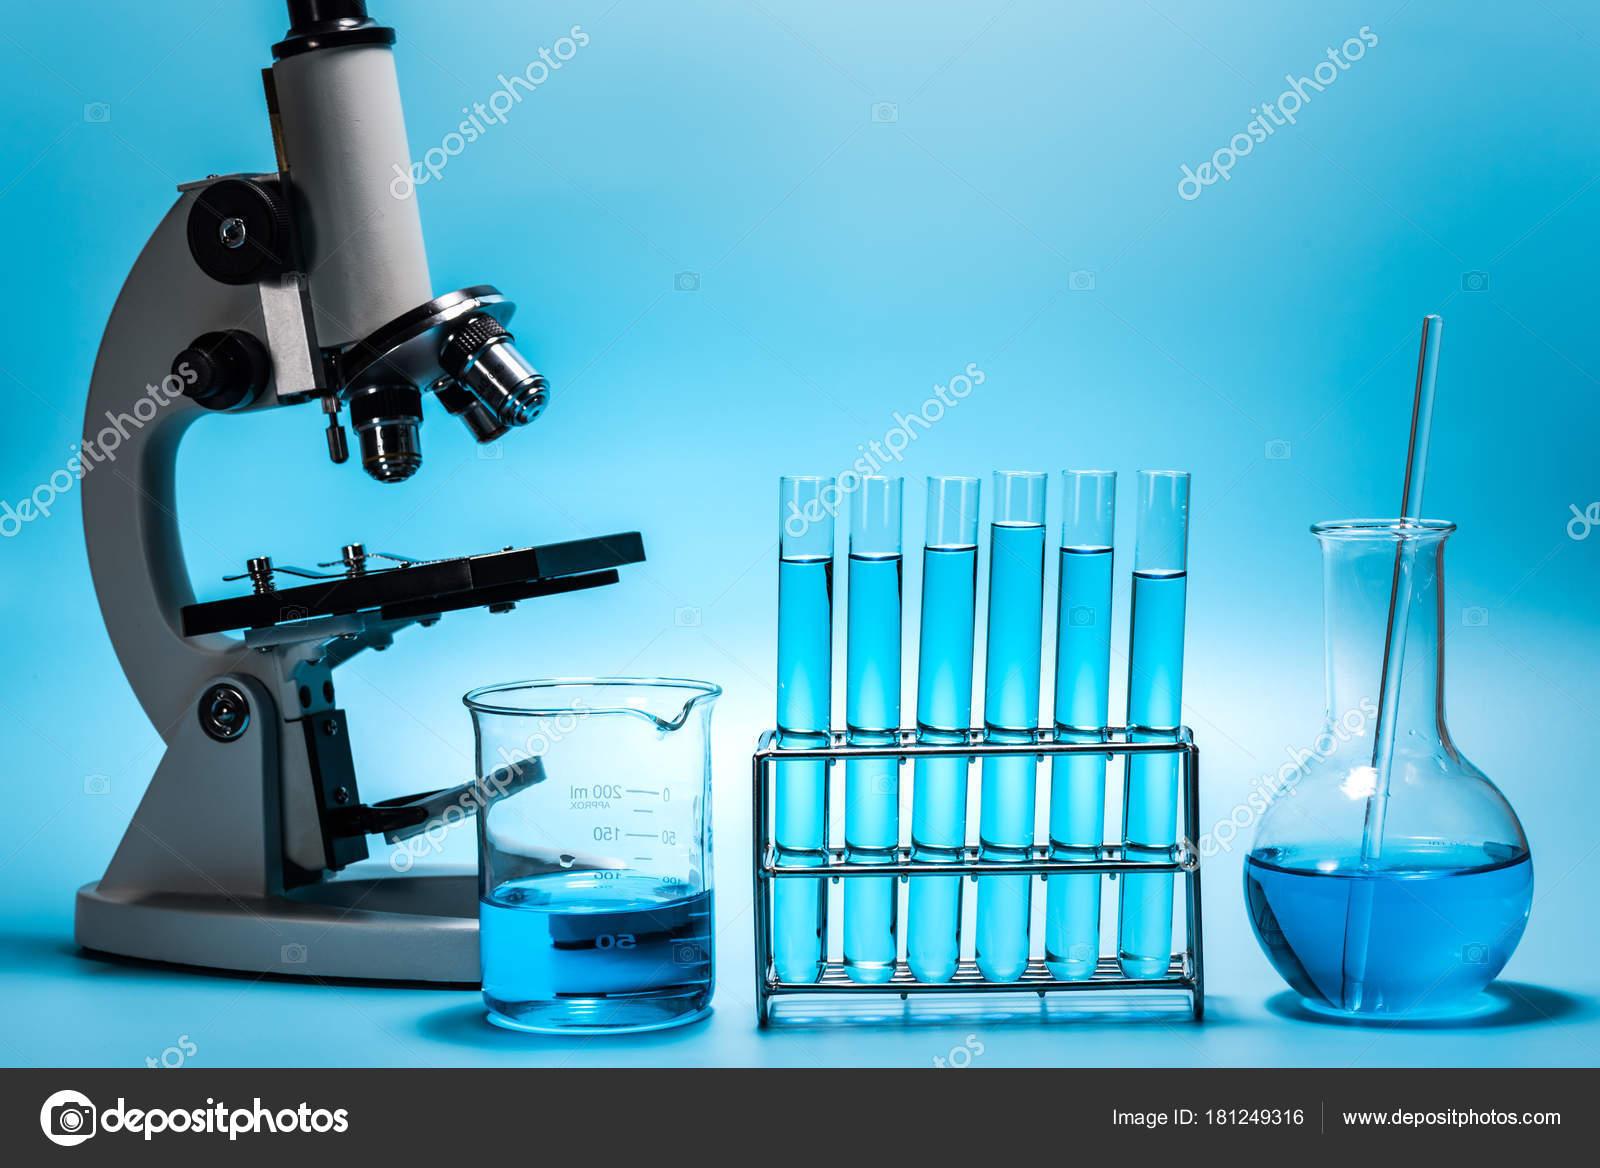 Mikroskop und labor reagenzglas auf hellblauem grund s